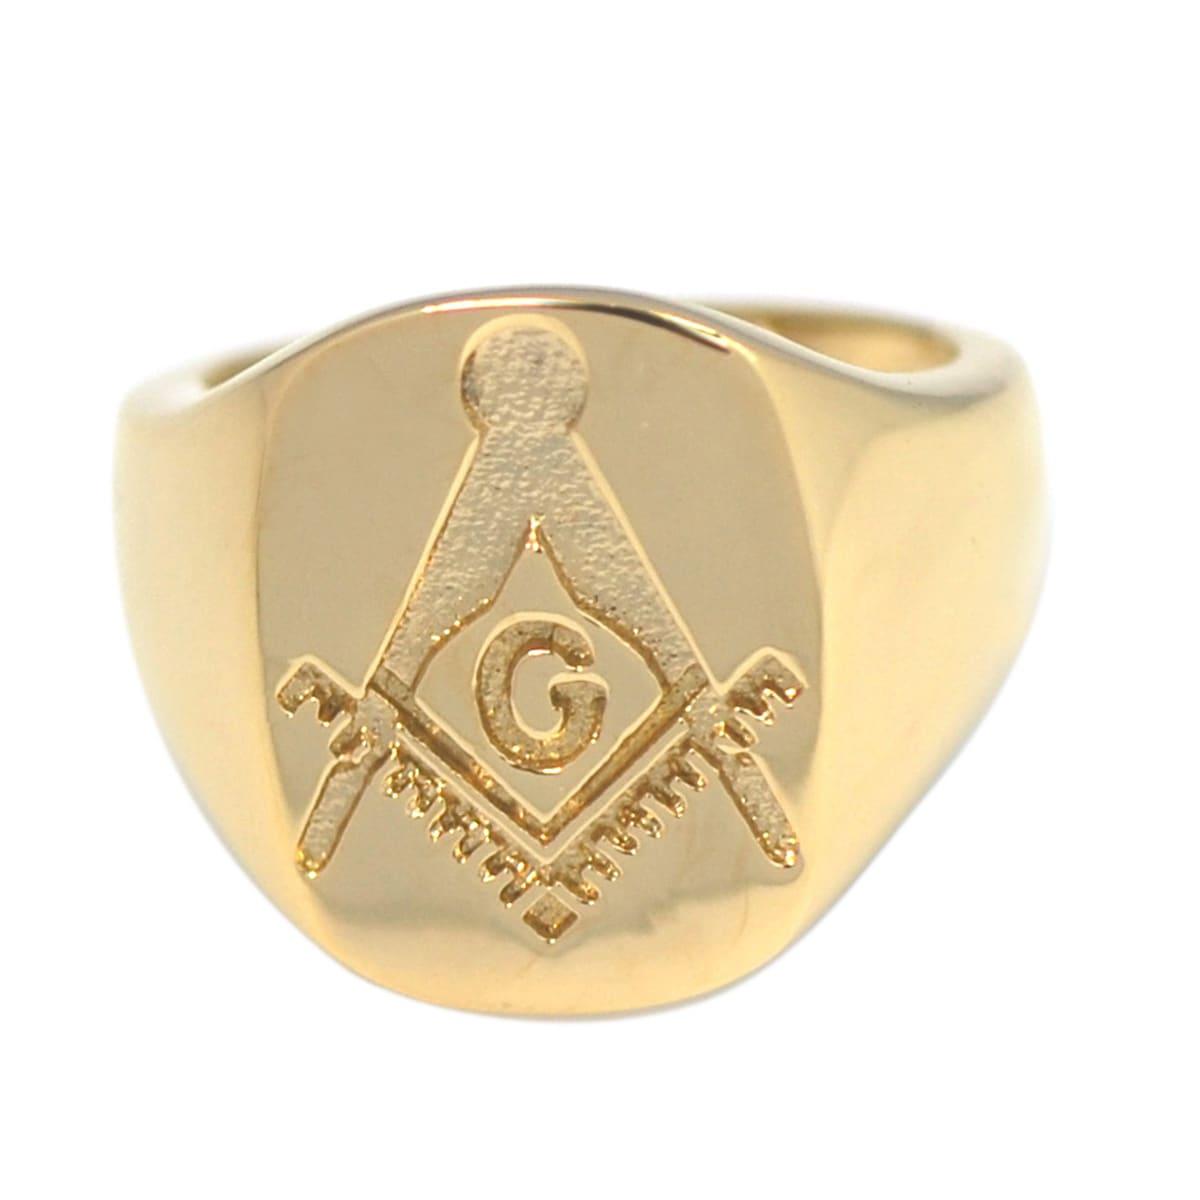 De Buman 14k Gold Overlay Masonic Symbol Ring (8), Men's